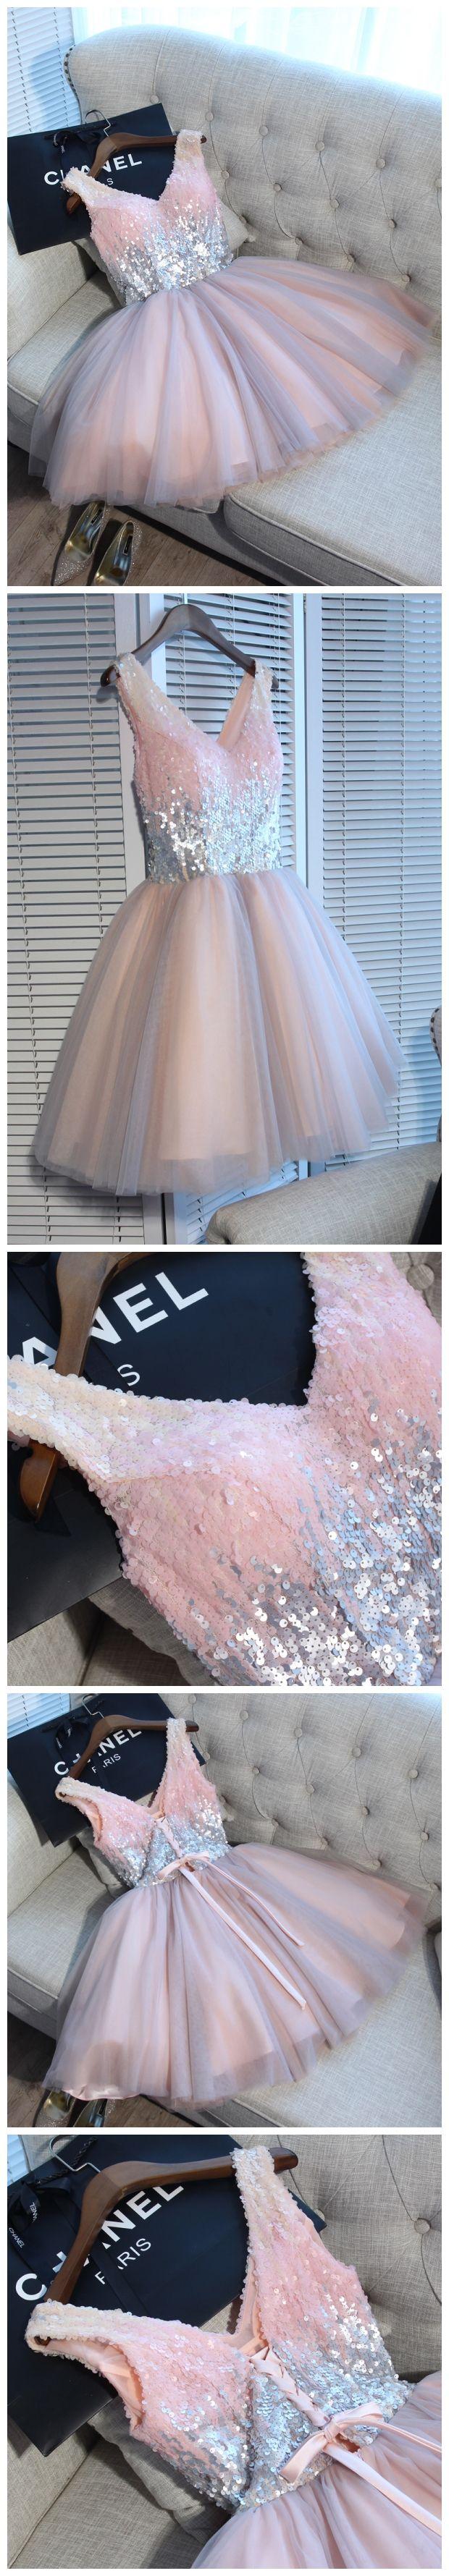 Wir sind völlig verzaubert von diesem märchenhaftem Cocktaildress mit rosa Tüll und Pailletten! Als Abiballkleid oder sogar zu Hochzeiten - dieses Kleid ist ein wahr gewordener Prinzessinnentraum! Kurzes Tüllkleid Rosa Glitzer / Ballerina Abendkleid / Homecoming Dress Pastel Pink Dream Dress / Prom Dress Pastel Pink | Stylefeed